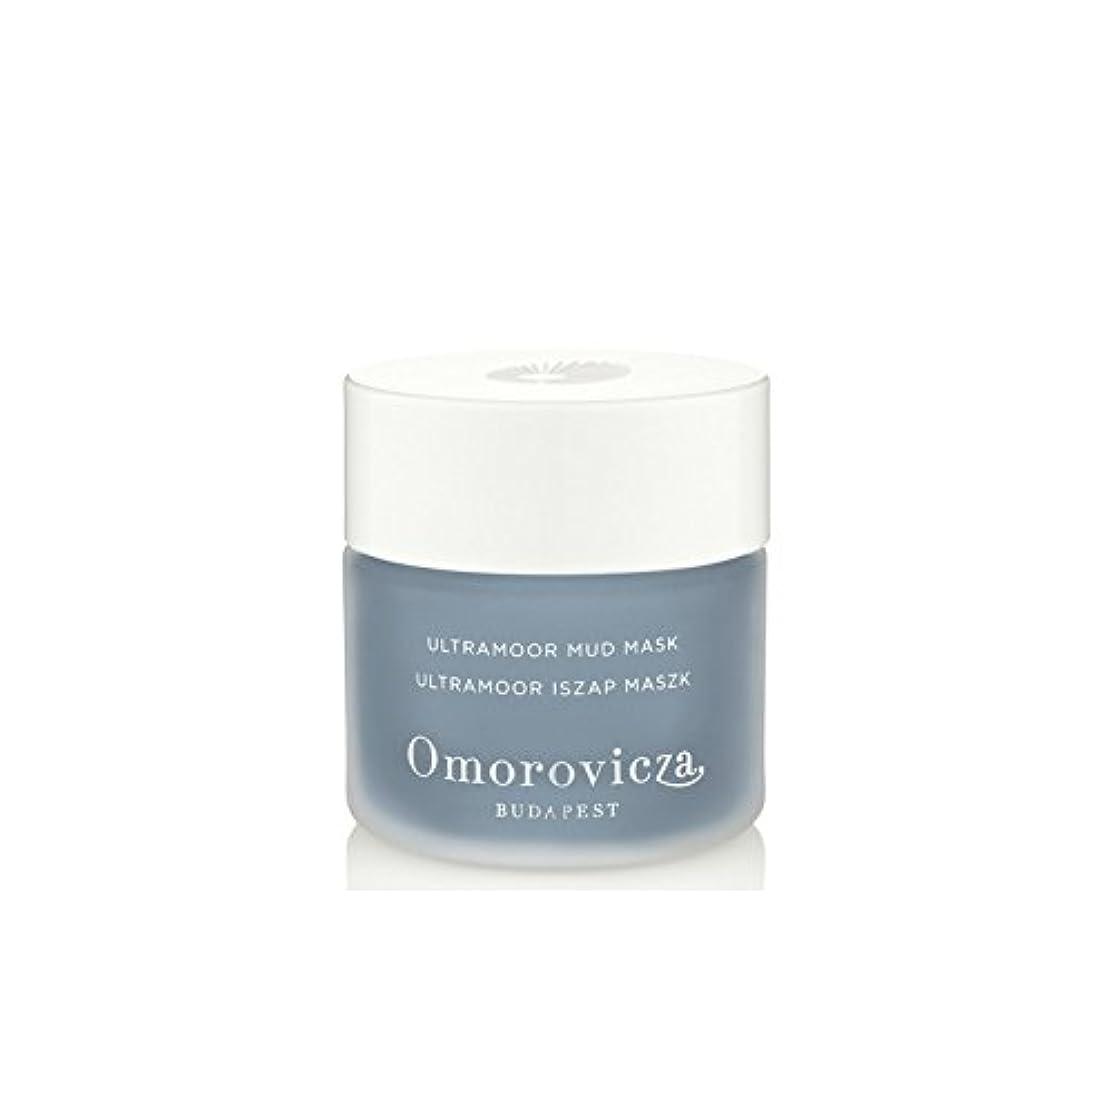 煩わしいミシン目体細胞Omorovicza Ultramoor Mud Mask (50ml) (Pack of 6) - 泥マスク(50ミリリットル) x6 [並行輸入品]